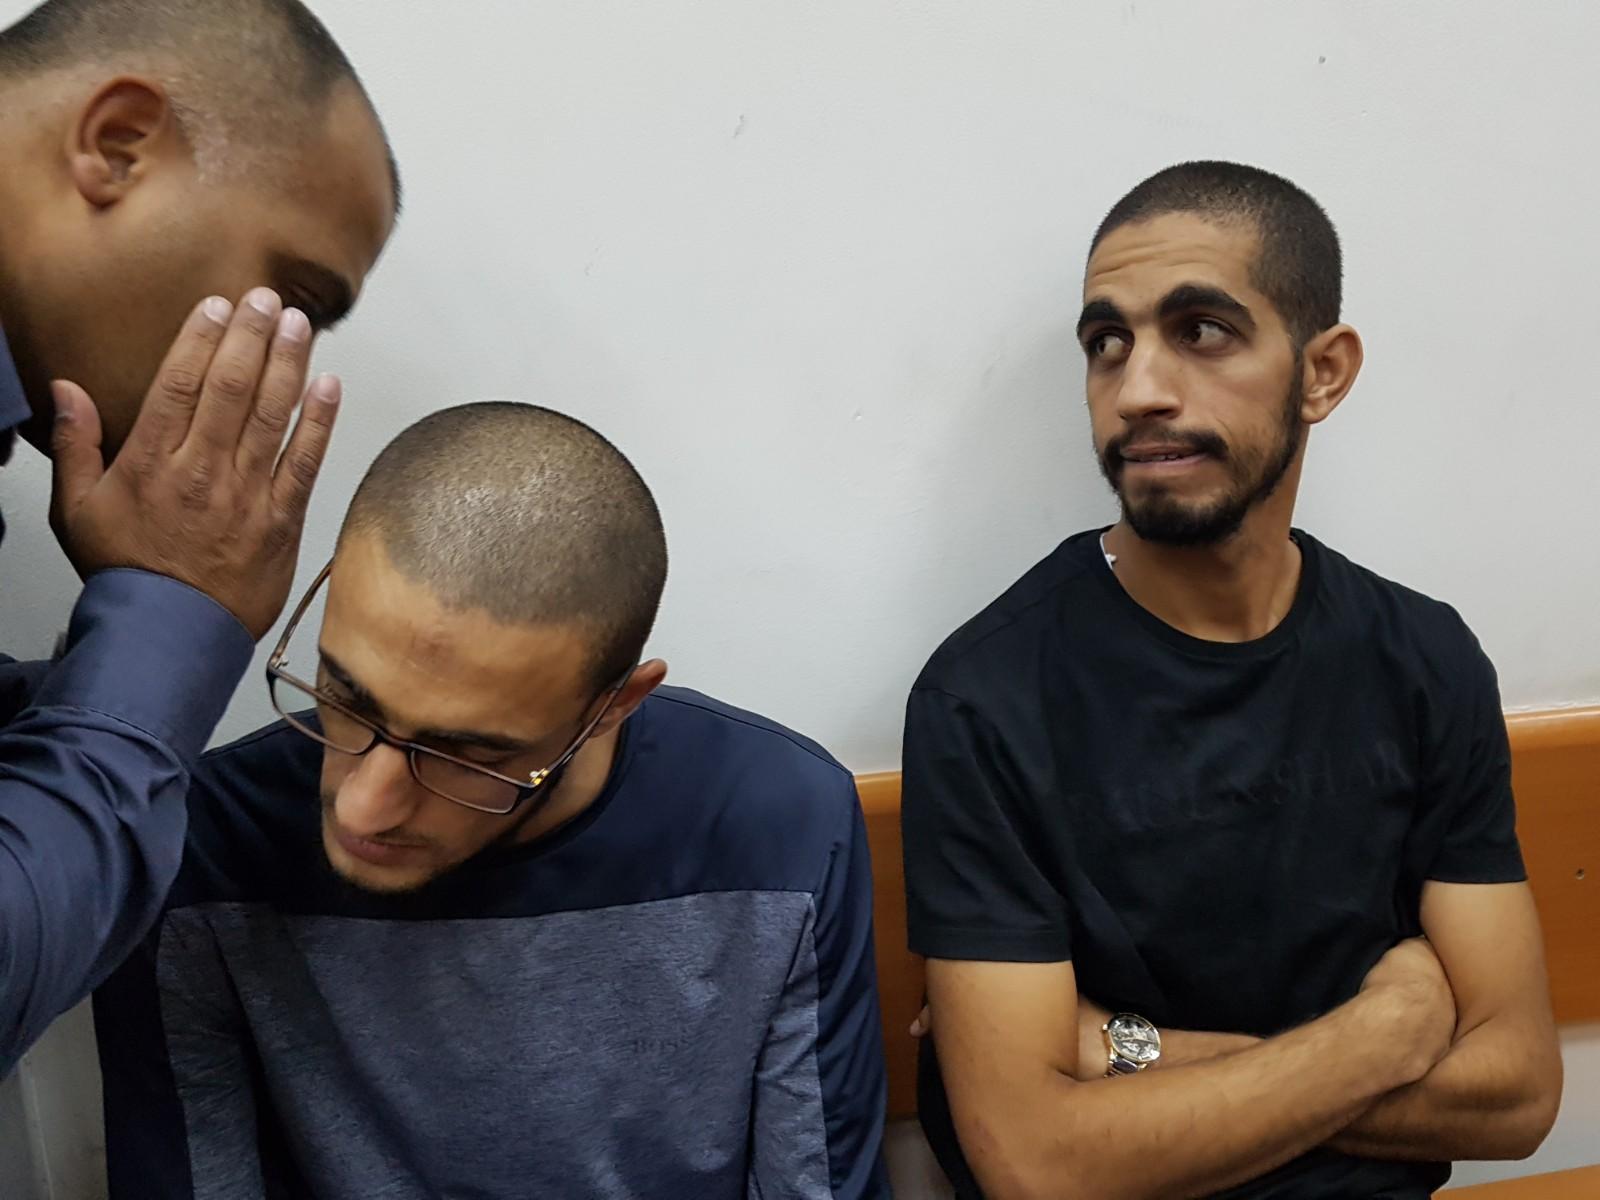 إطلاق سراح اثنين من المشتبهين واعتقال آخرين بخطف الطفل